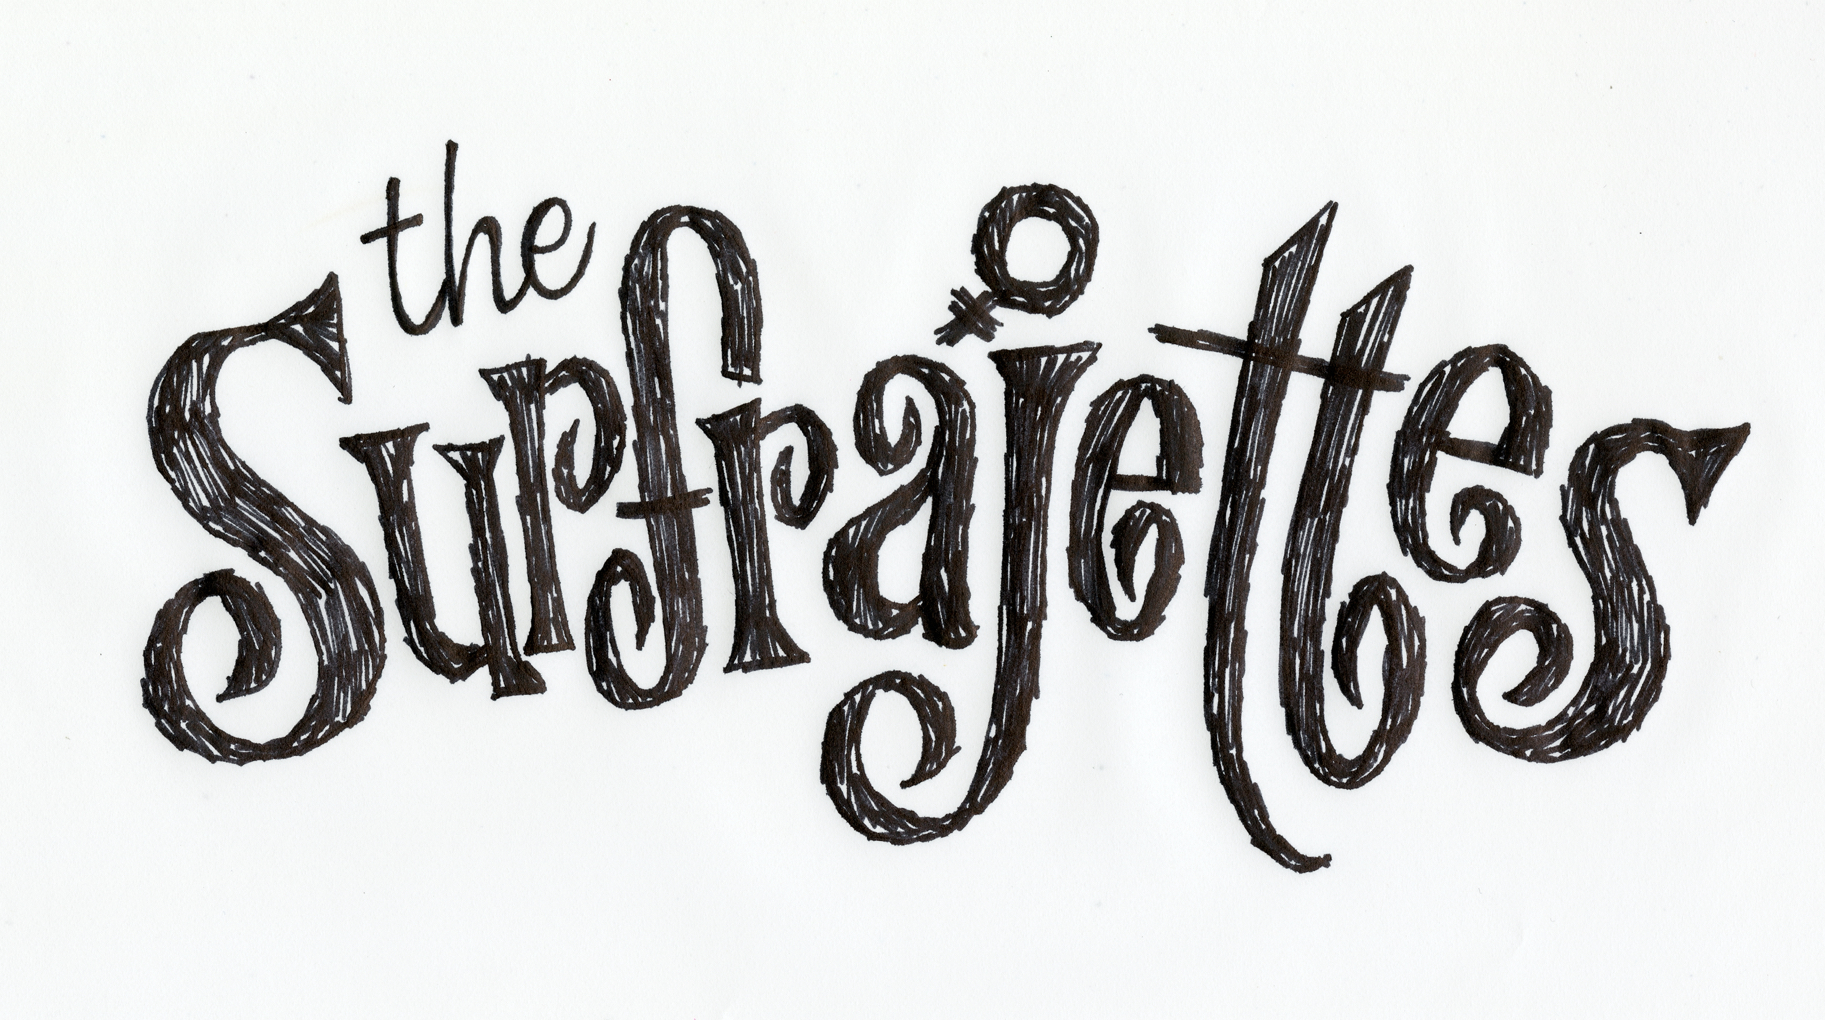 Hand-lettered Surfrajettes logo version 2